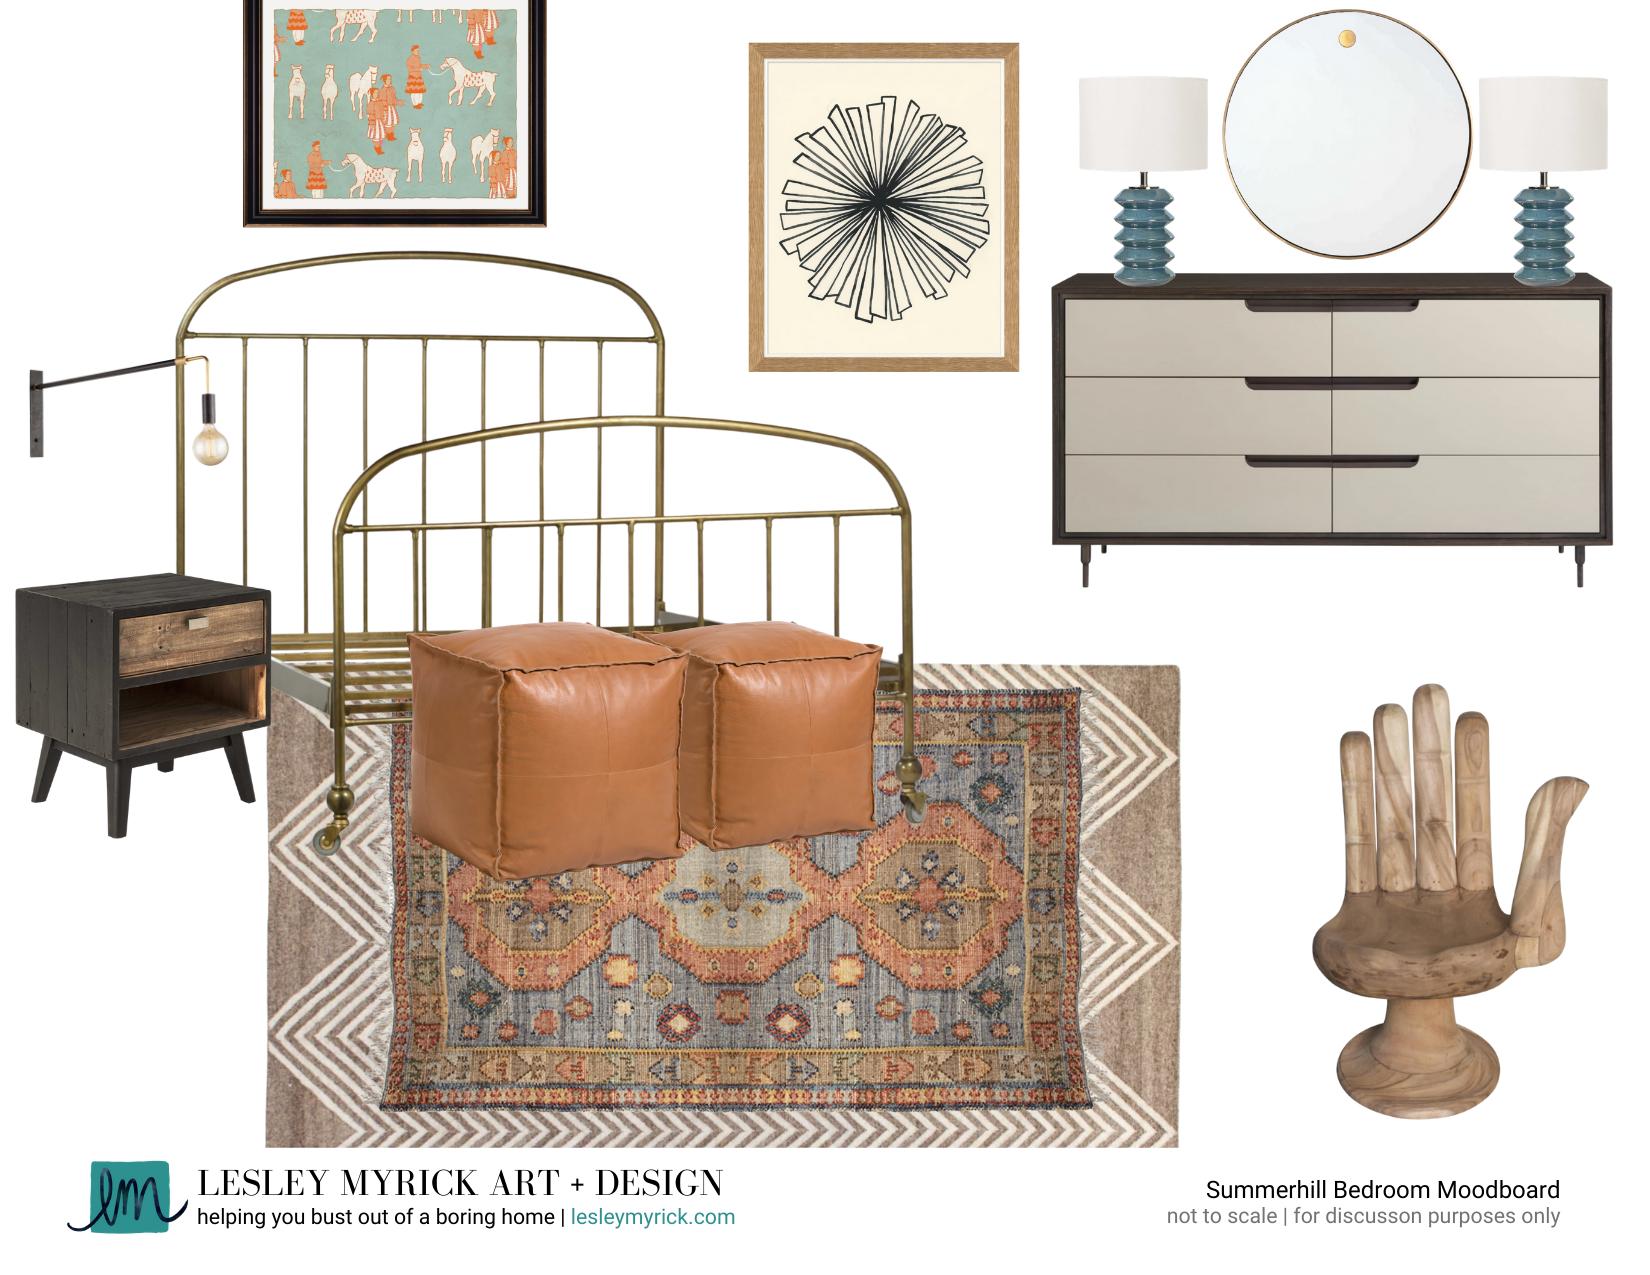 Instant-Interiors-Moodboard-Summerhill-Bedroom